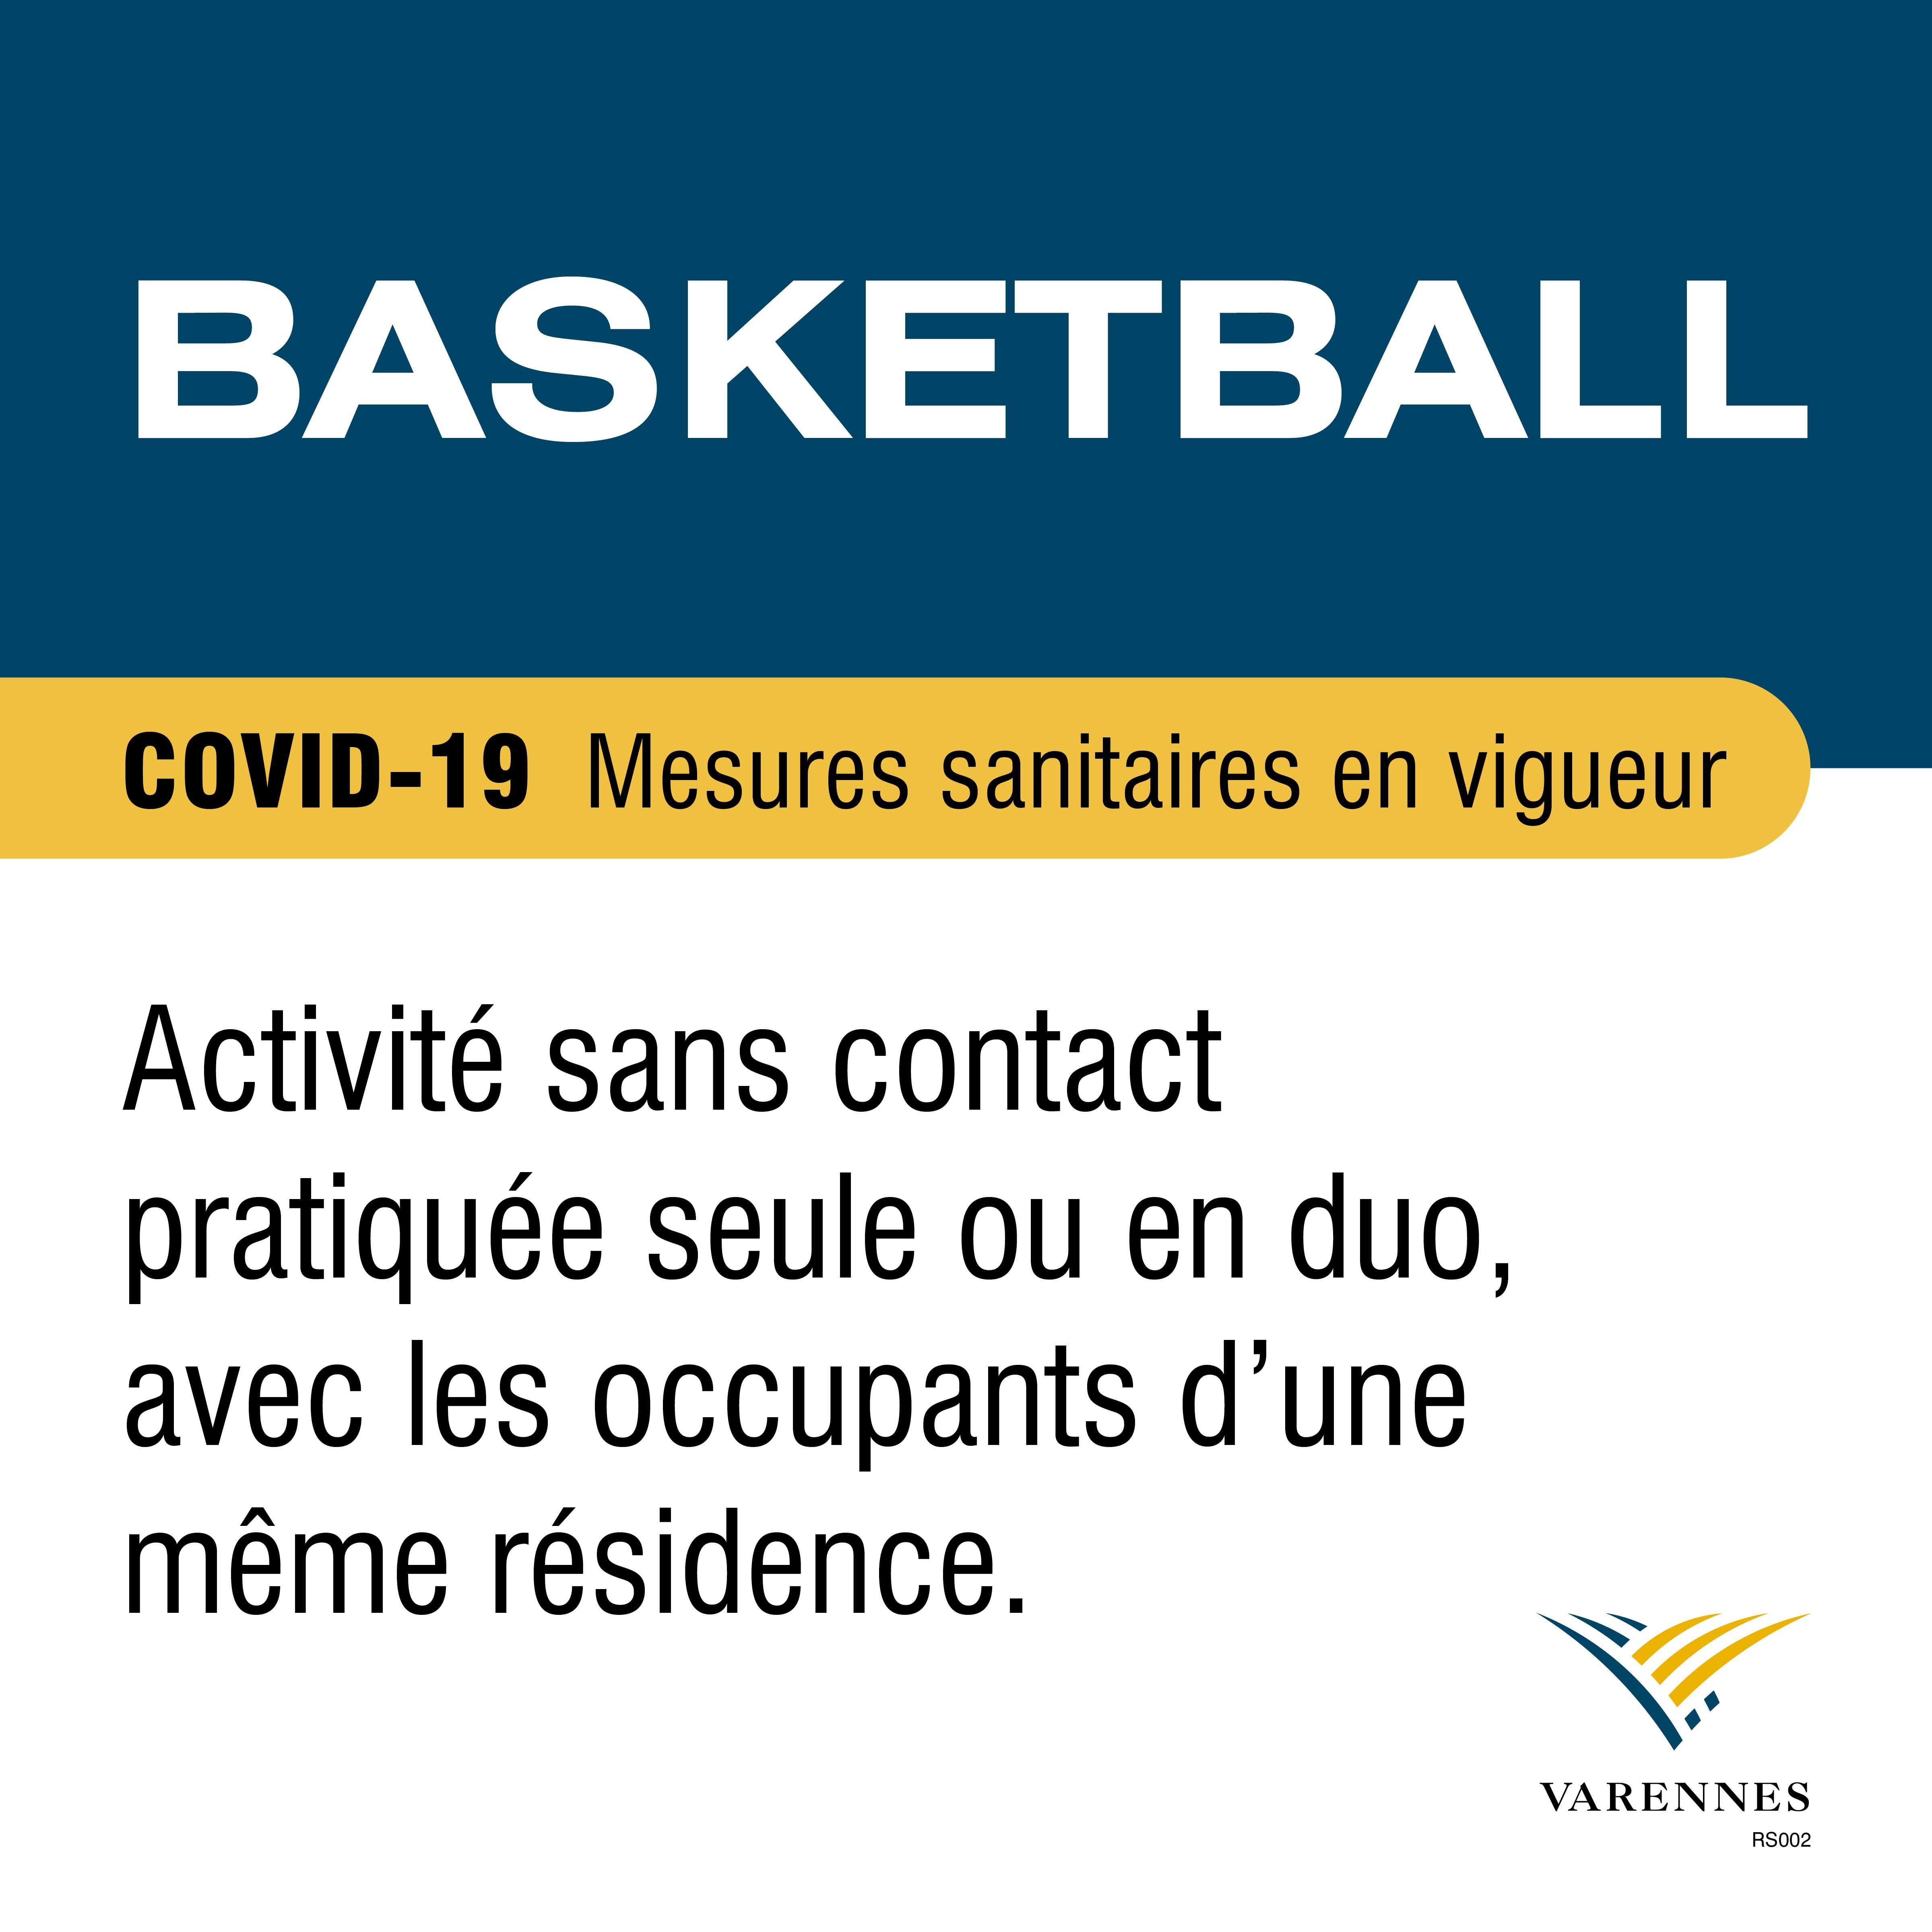 2021-04-21_-_basketball.jpg (904 KB)